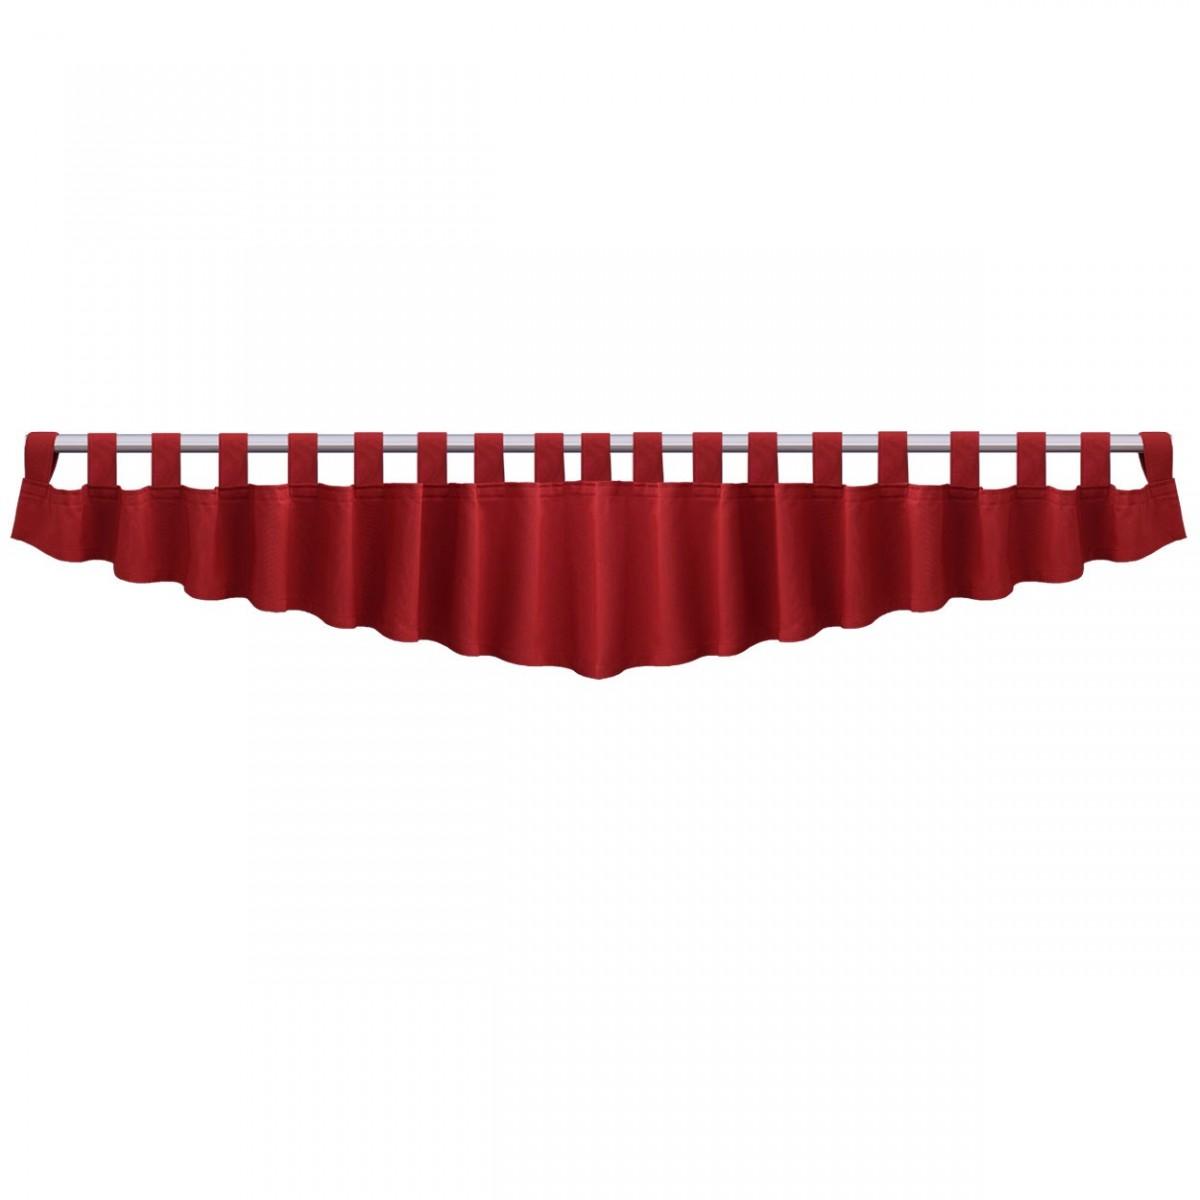 Querbehang Hetty Rot mit Schlaufen Einzeldarstellung